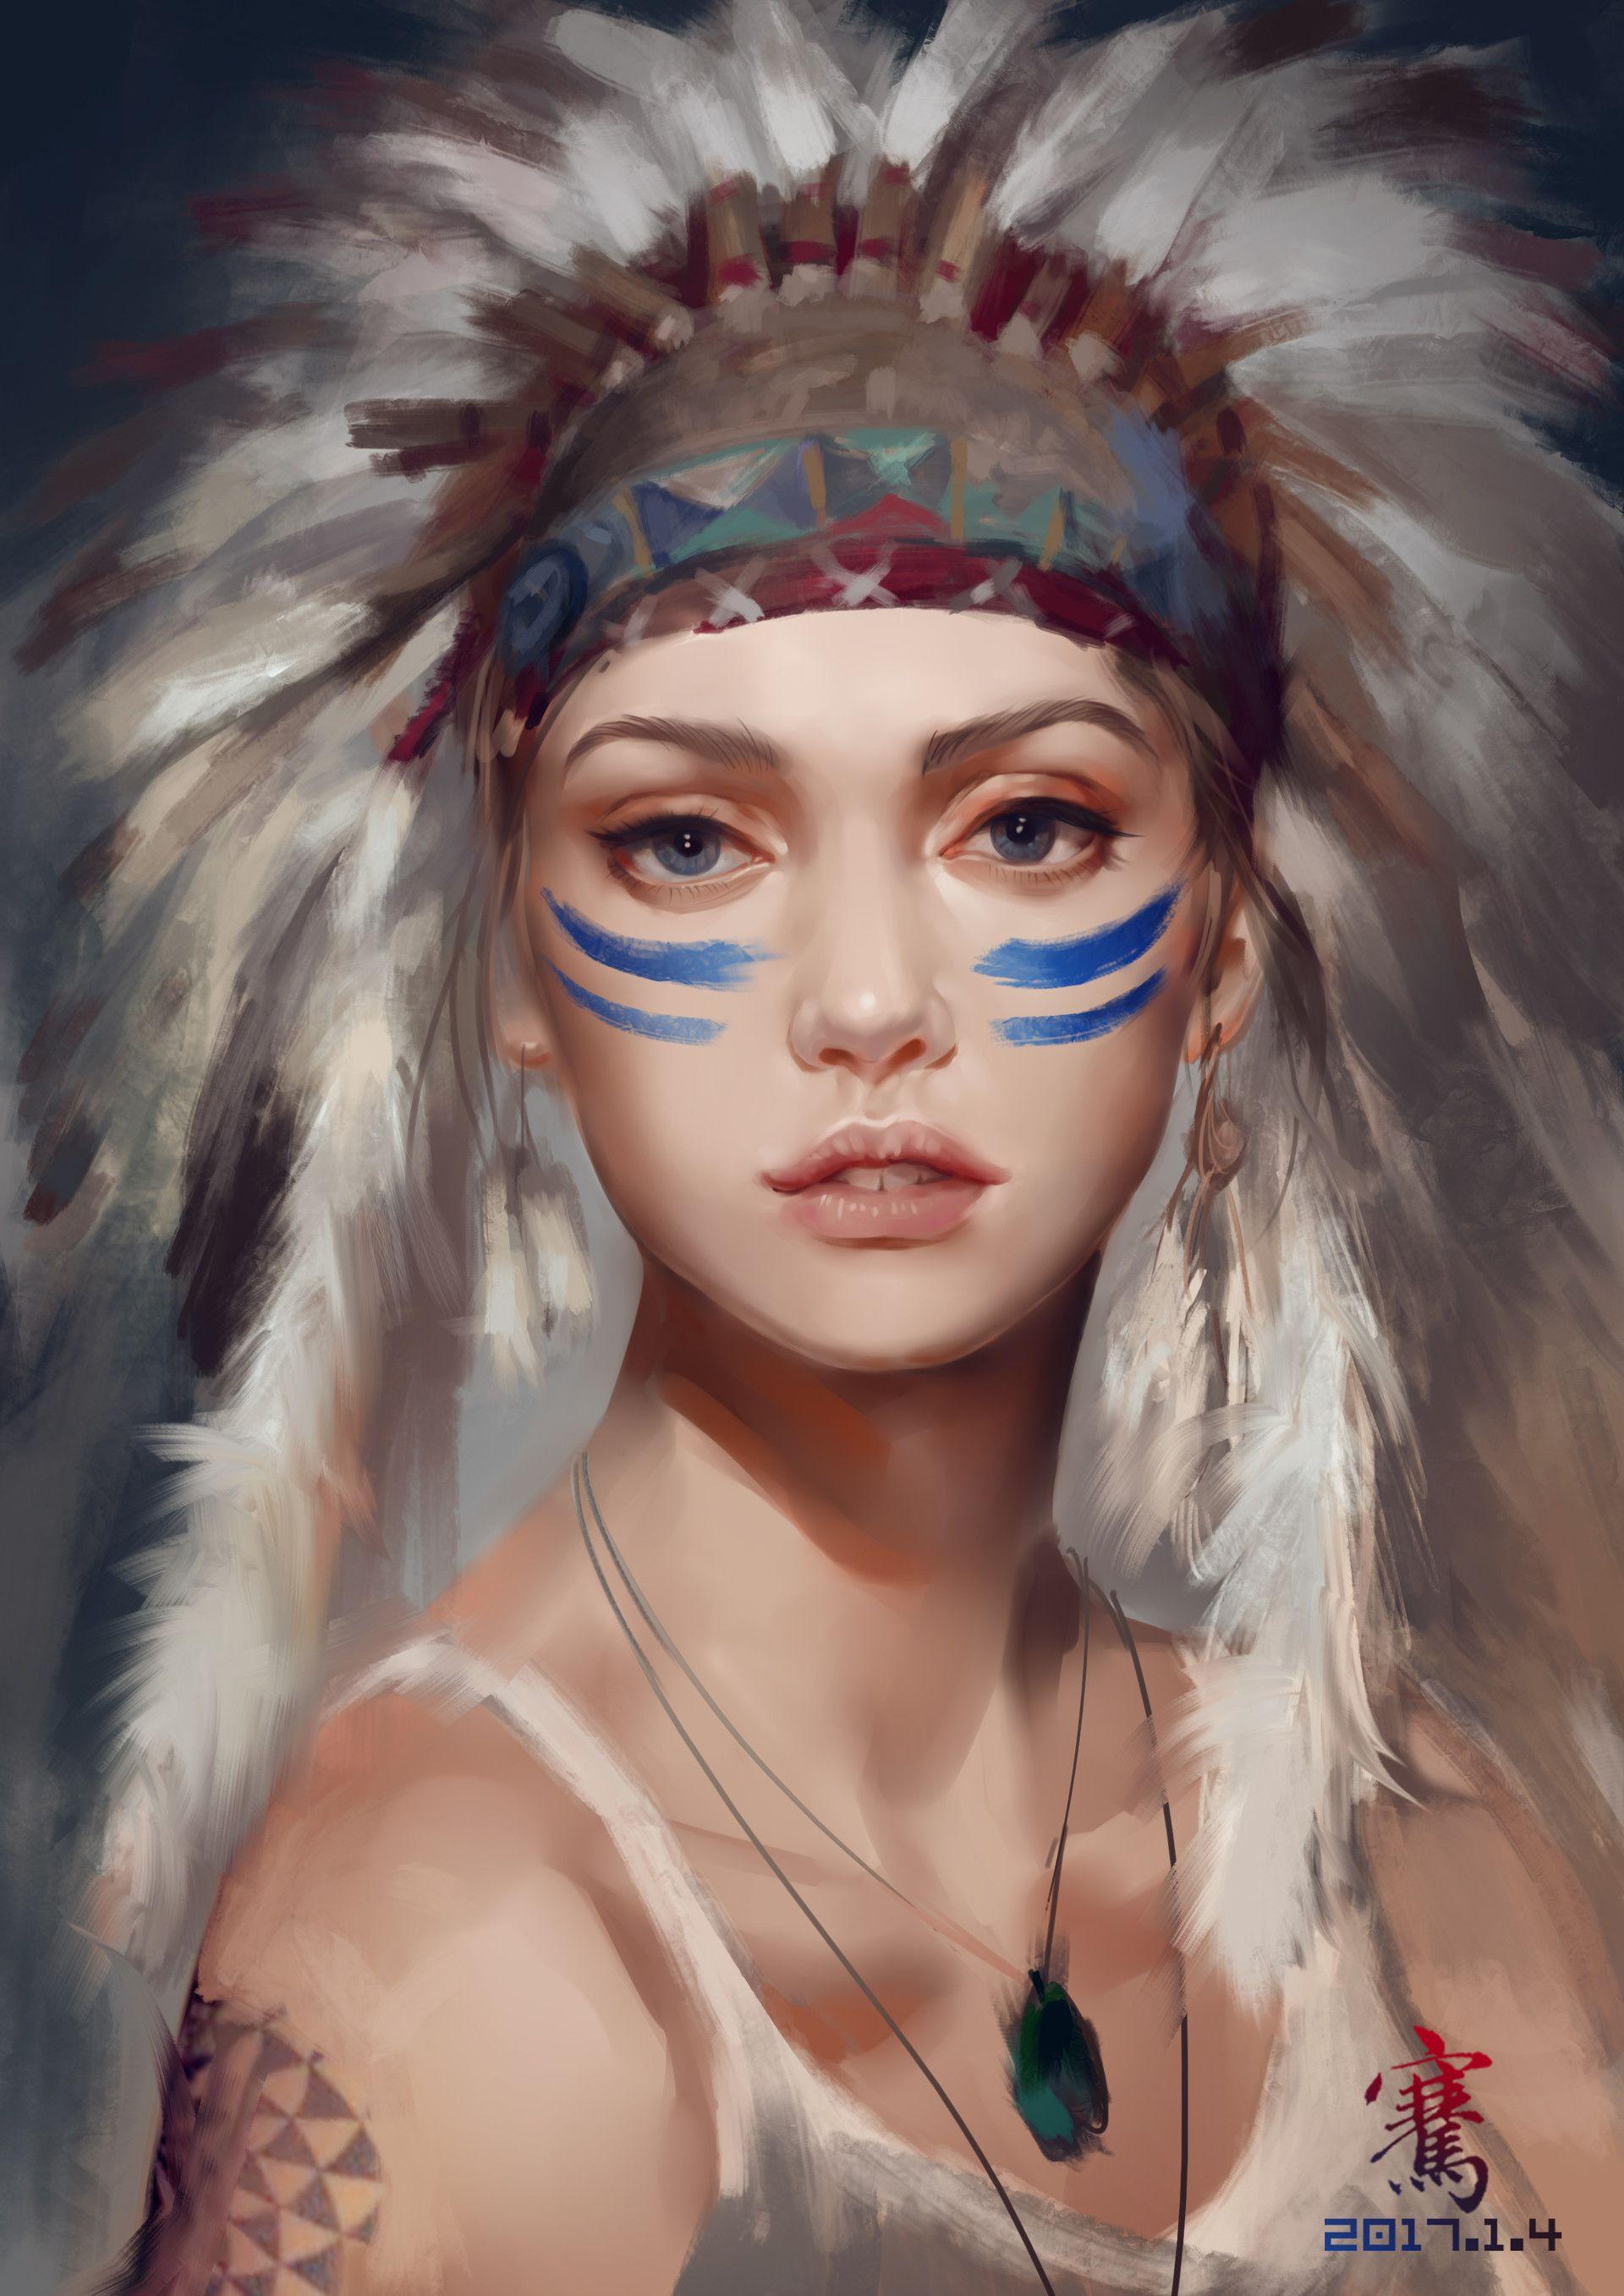 Artstation - Indian Girl Liang Qian Characters 9 Girls Art